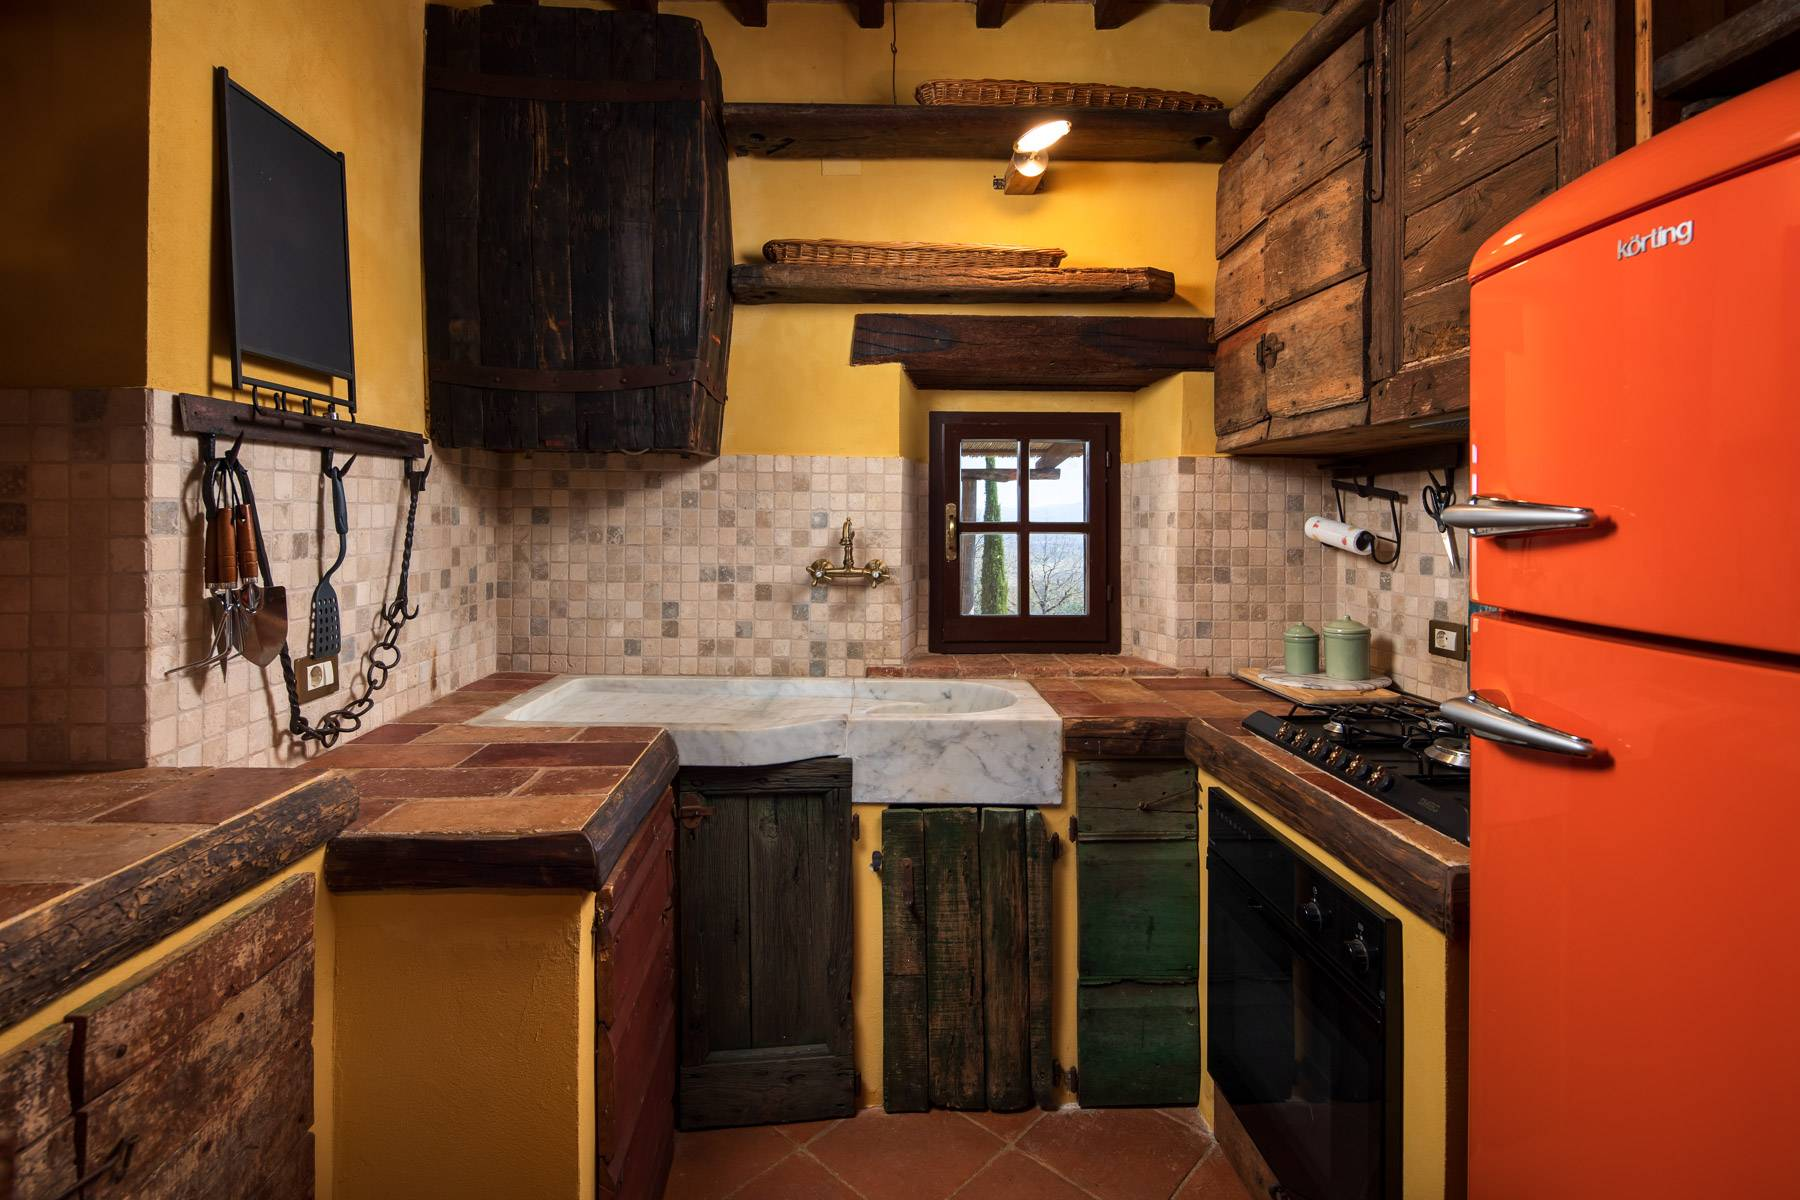 Rustico in Vendita a Monte San Savino: 5 locali, 307 mq - Foto 9